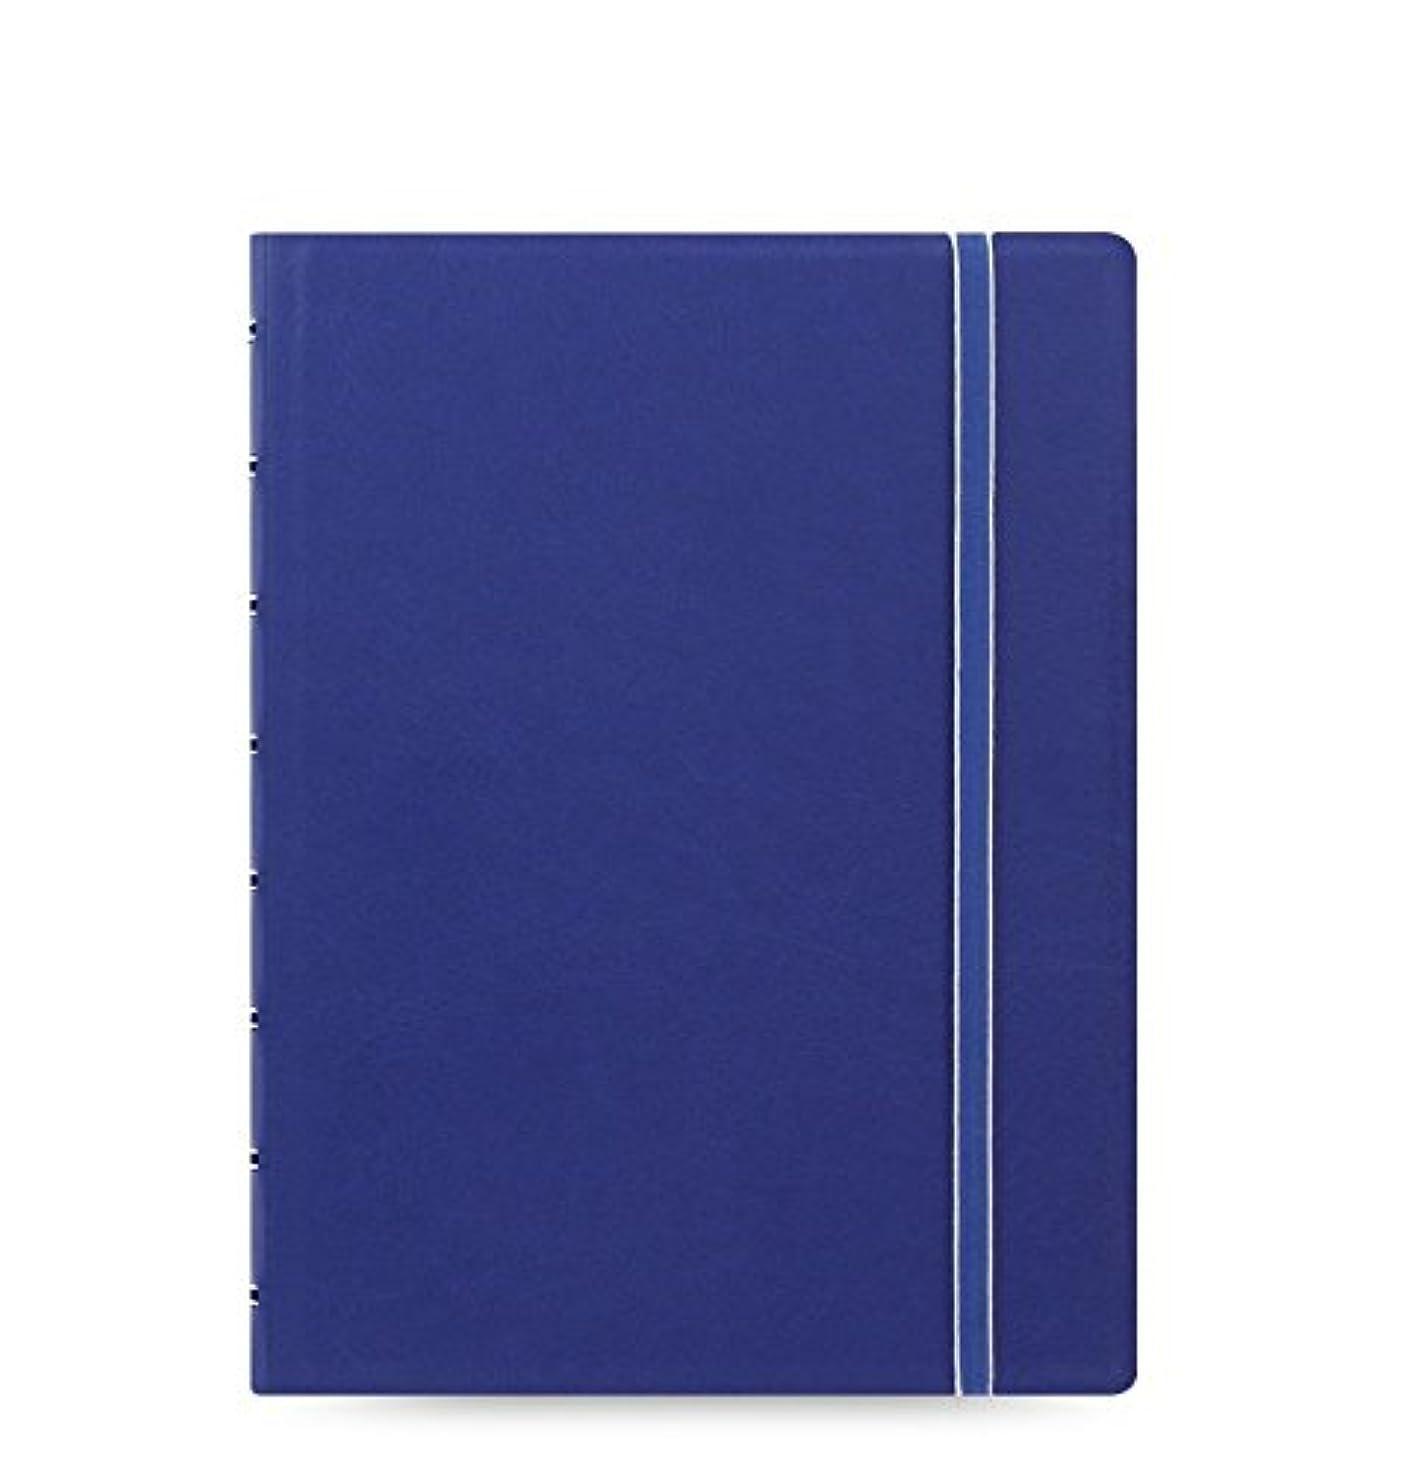 ファイロファックス ノートブック NoteBooks A5 Blue ノートブック 115009 filofax